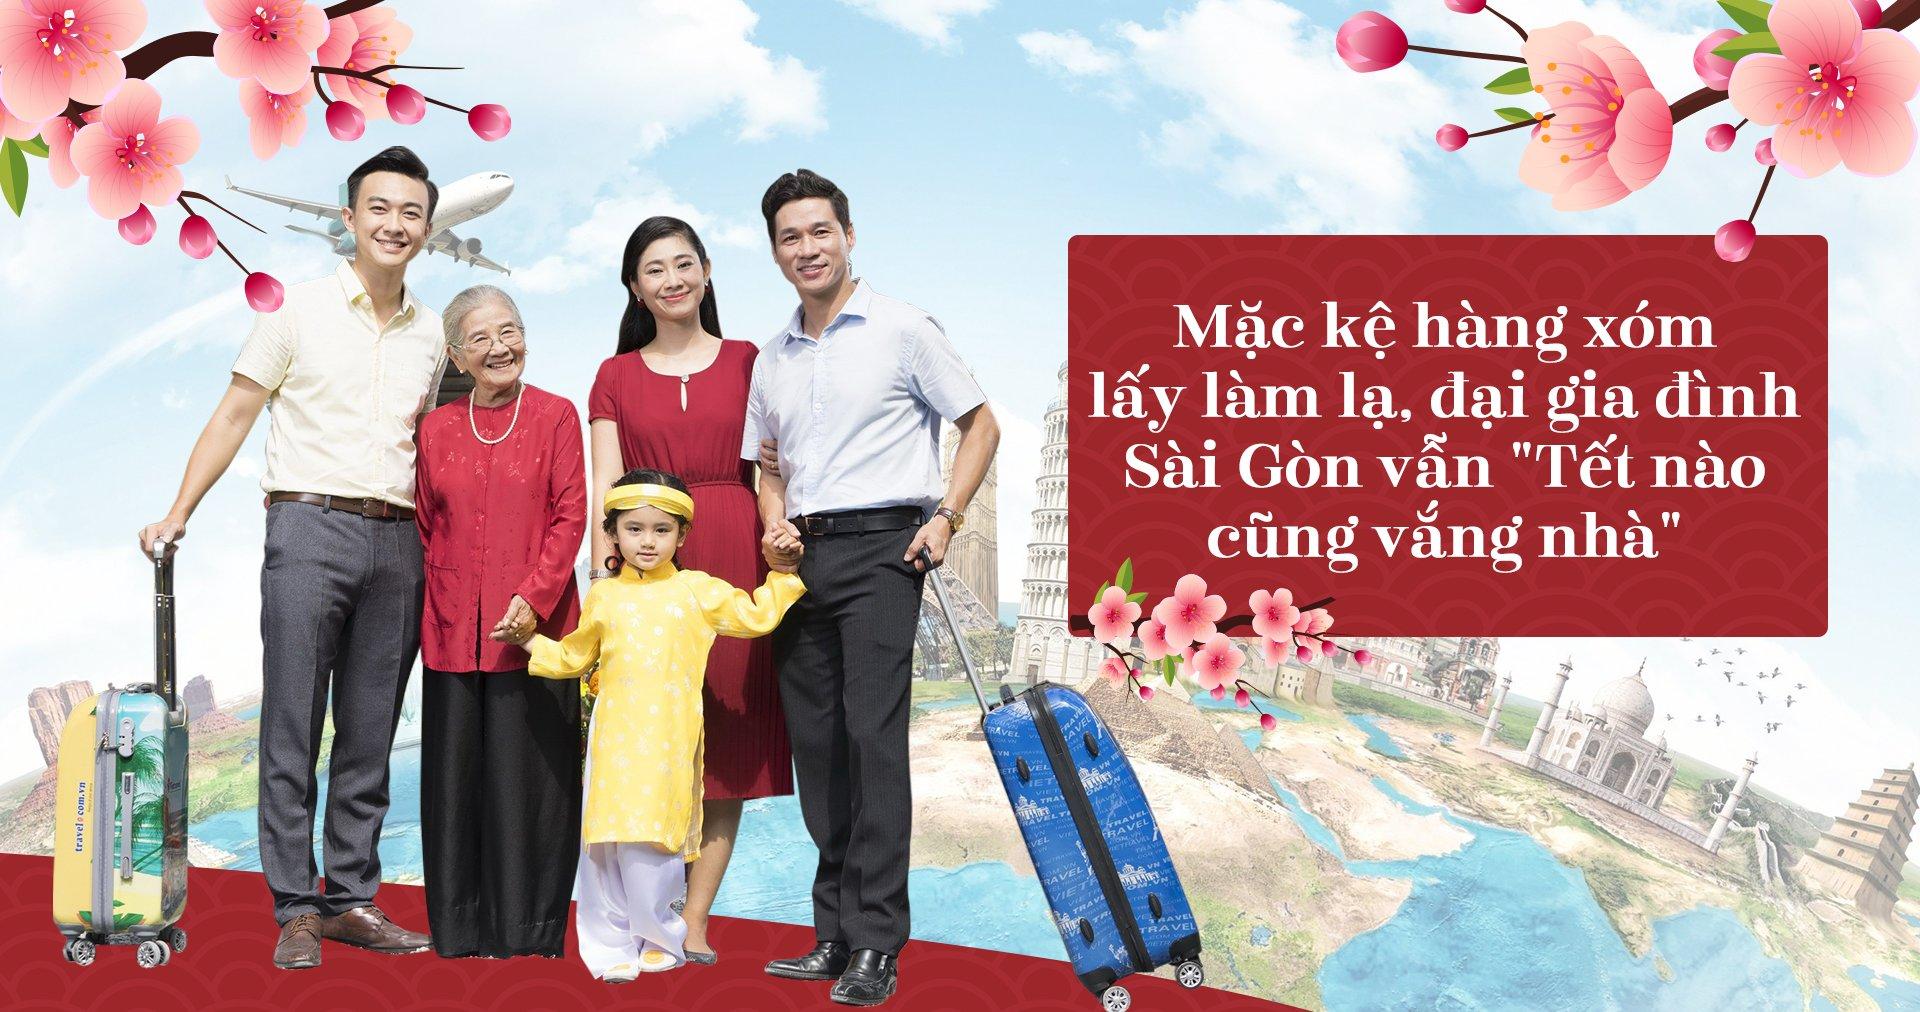 Mặc kệ hàng xóm lấy làm lạ, đại gia đình Sài Gòn vẫn chọn amp;#34;Tết nào cũng vắng nhàamp;#34; - 1